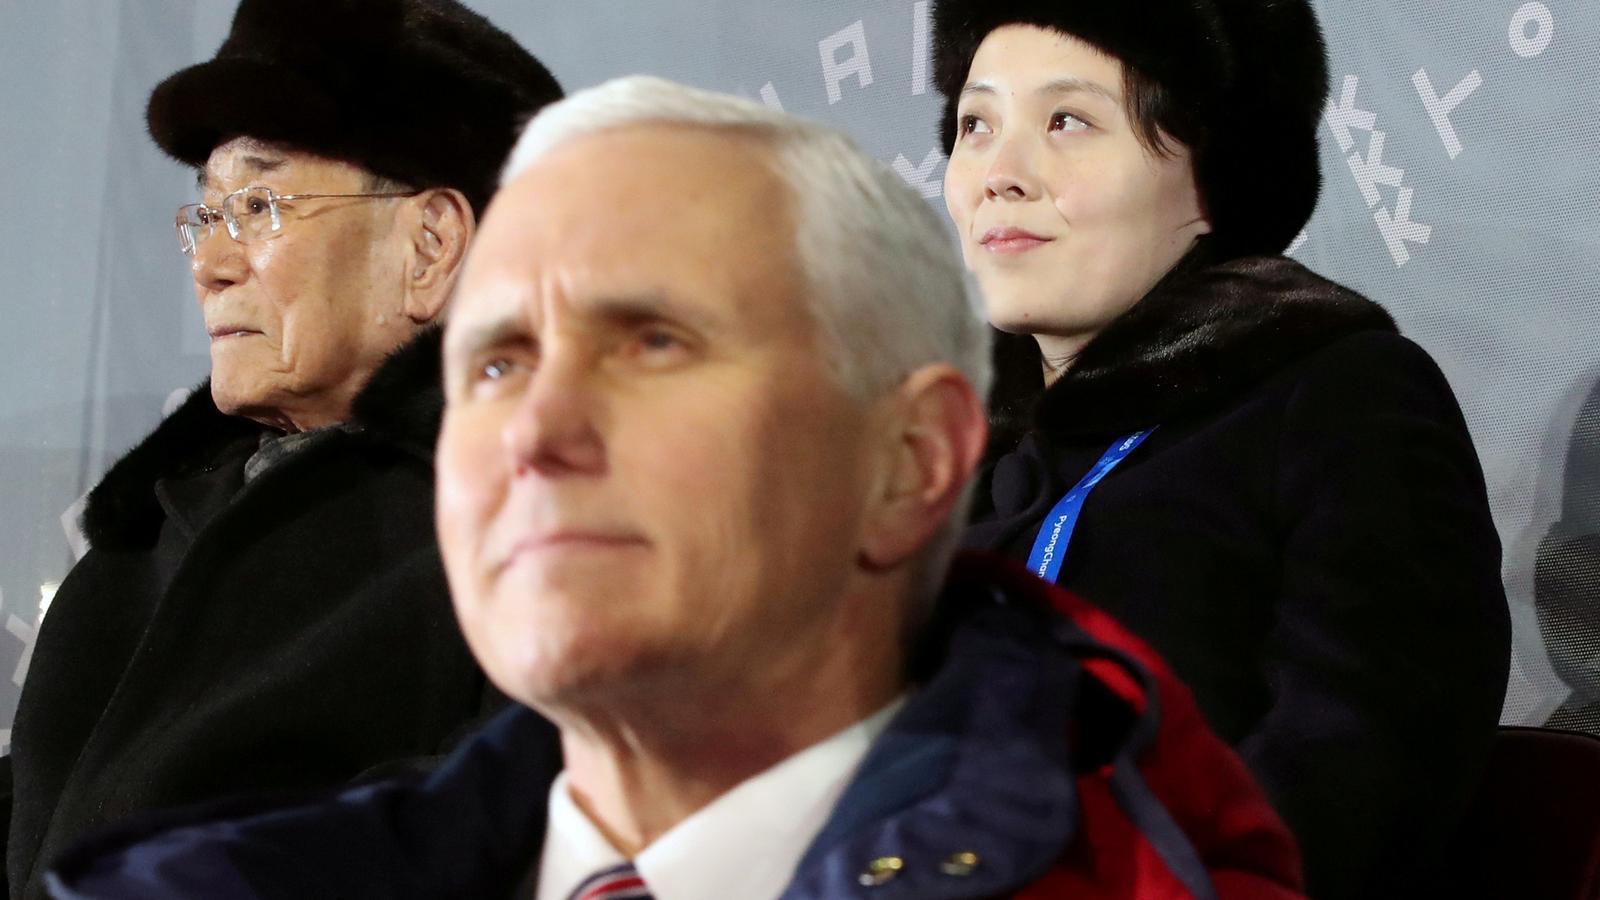 El portaveu nord-americà, Mike Pence, s'havia de reunir amb la germana de Kim Jong-un i el president honorífic del Nord.